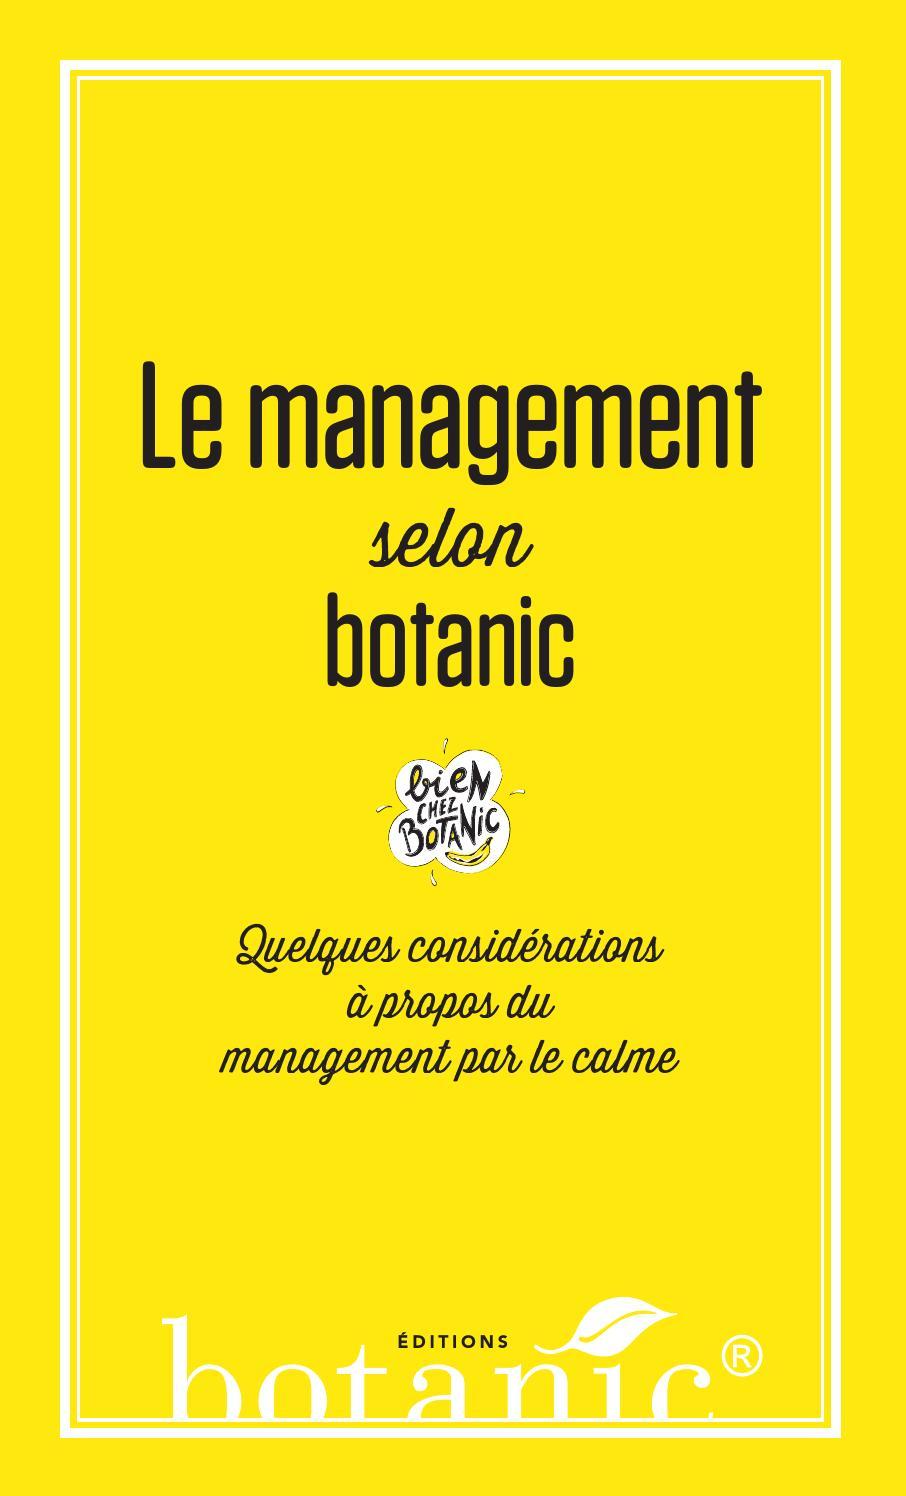 Potager 3 Etages Botanic le management selon botanic®botanic - issuu